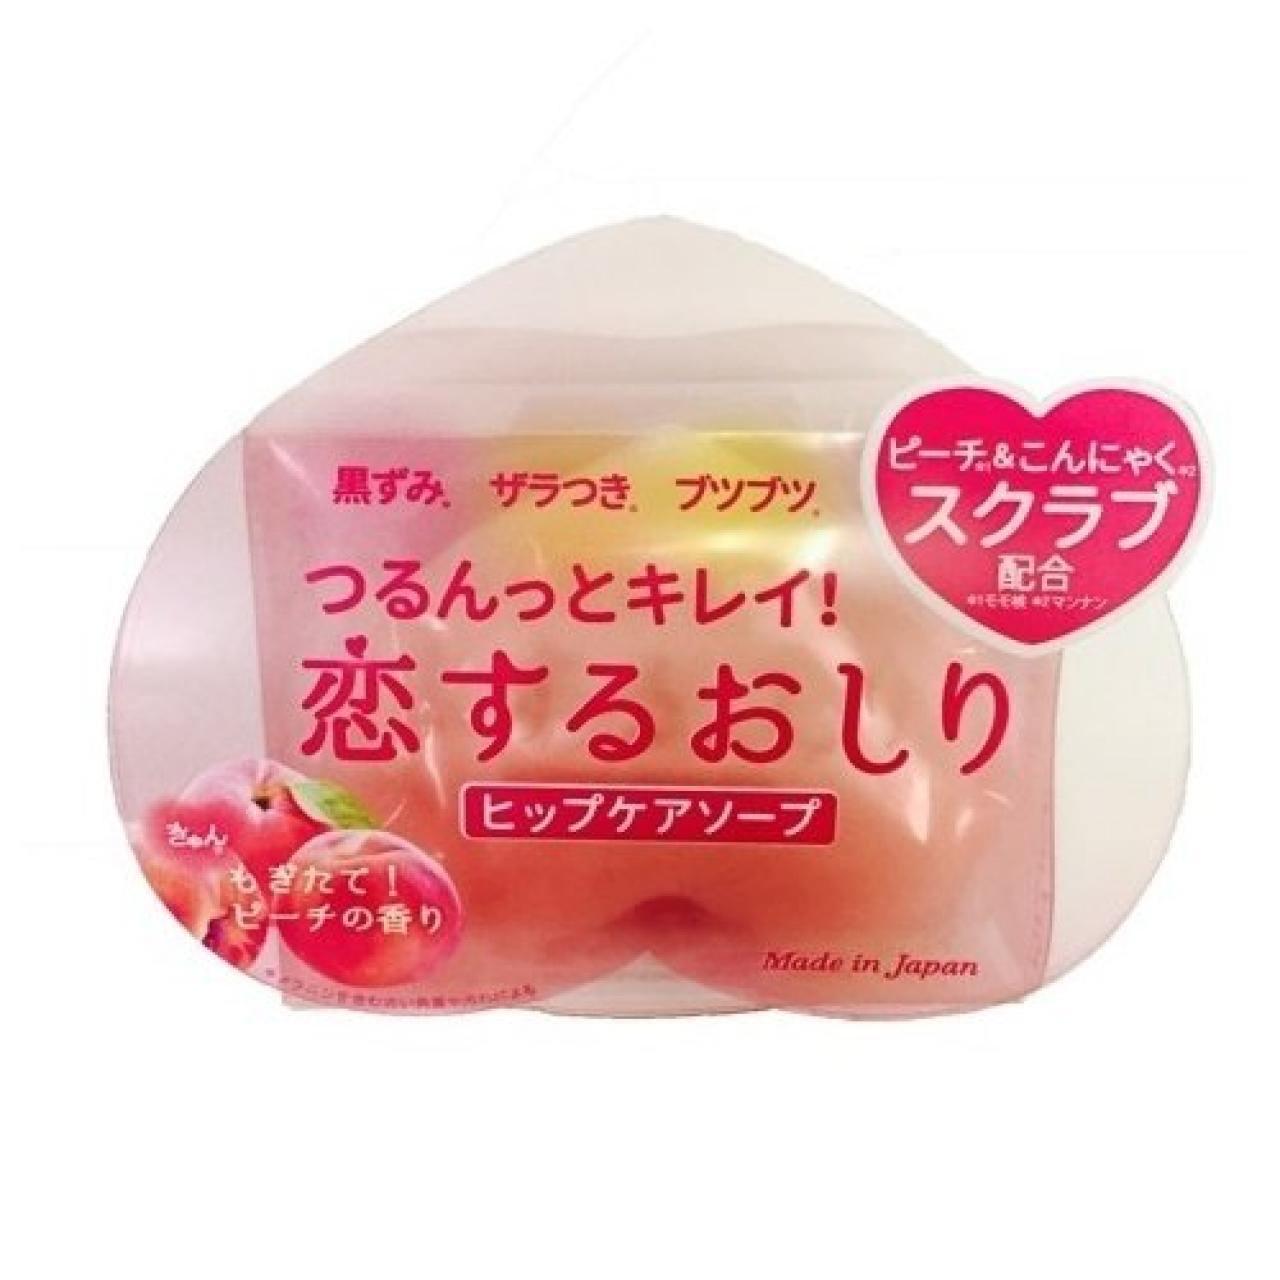 ペリカン石鹸 恋するおしり ヒップケアソープ